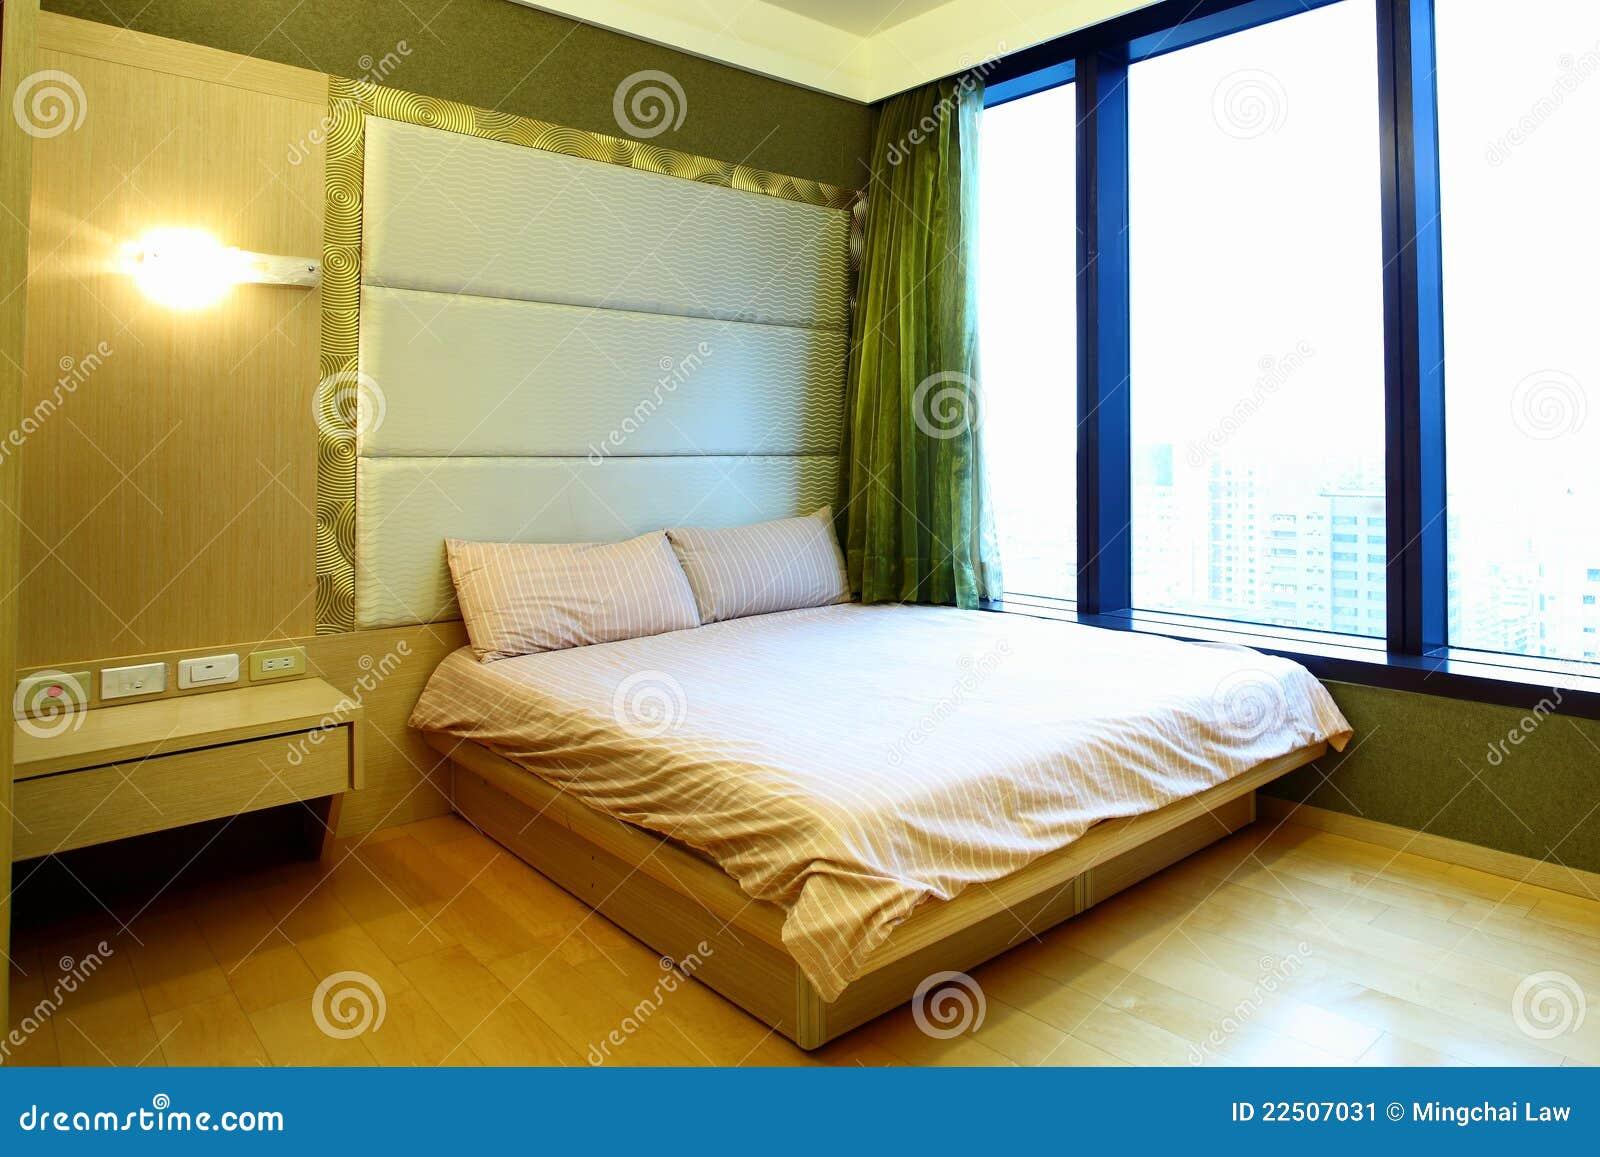 De zaal van het bed van de flat stock afbeelding afbeelding 22507031 - Versiering van de zaal van het tienermeisje van ...